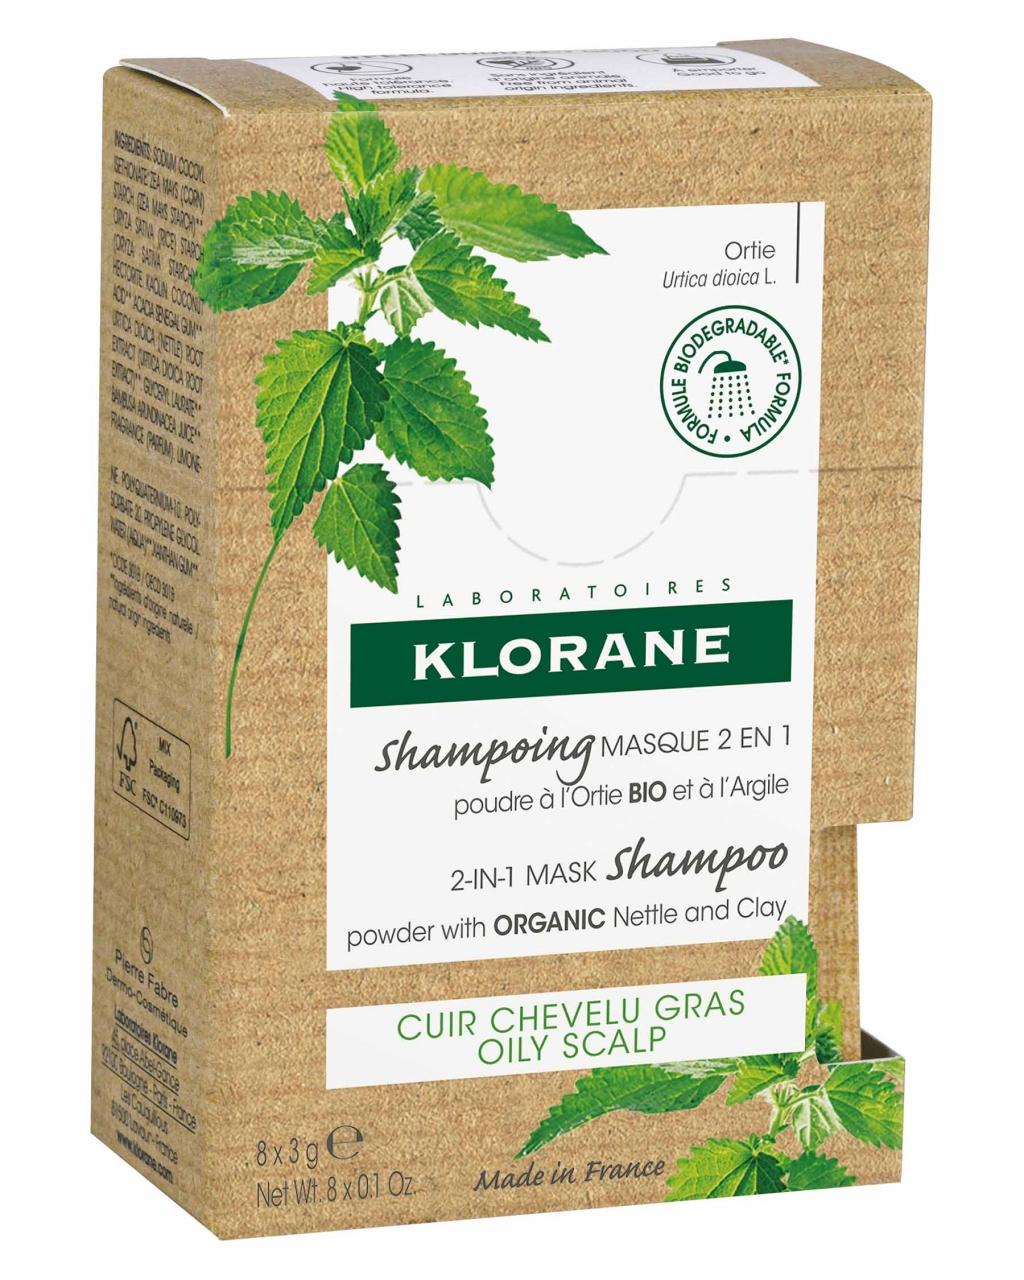 Купить Klorane Порошковый шампунь-маска 2в1 с экстрактом крапивы и глины, 8 саше х 3 г (Klorane, Oily Prone Hair)